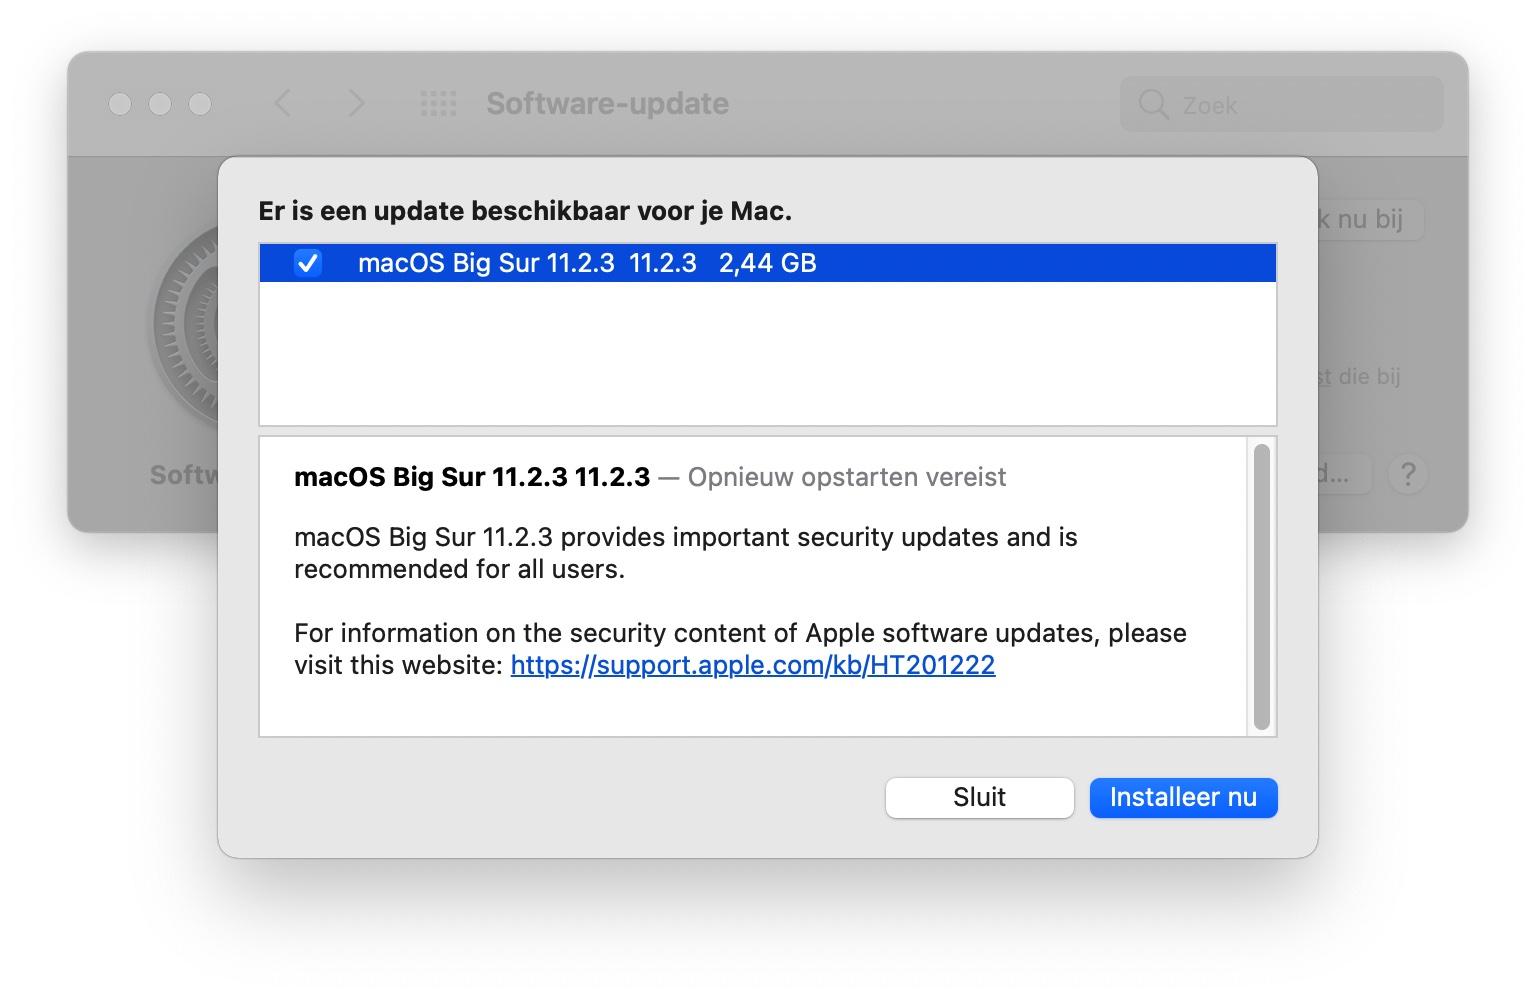 https://www.macfreak.nl/modules/news/images/zArt.macOSBigSur11.2.3ReleaseNotes.jpg